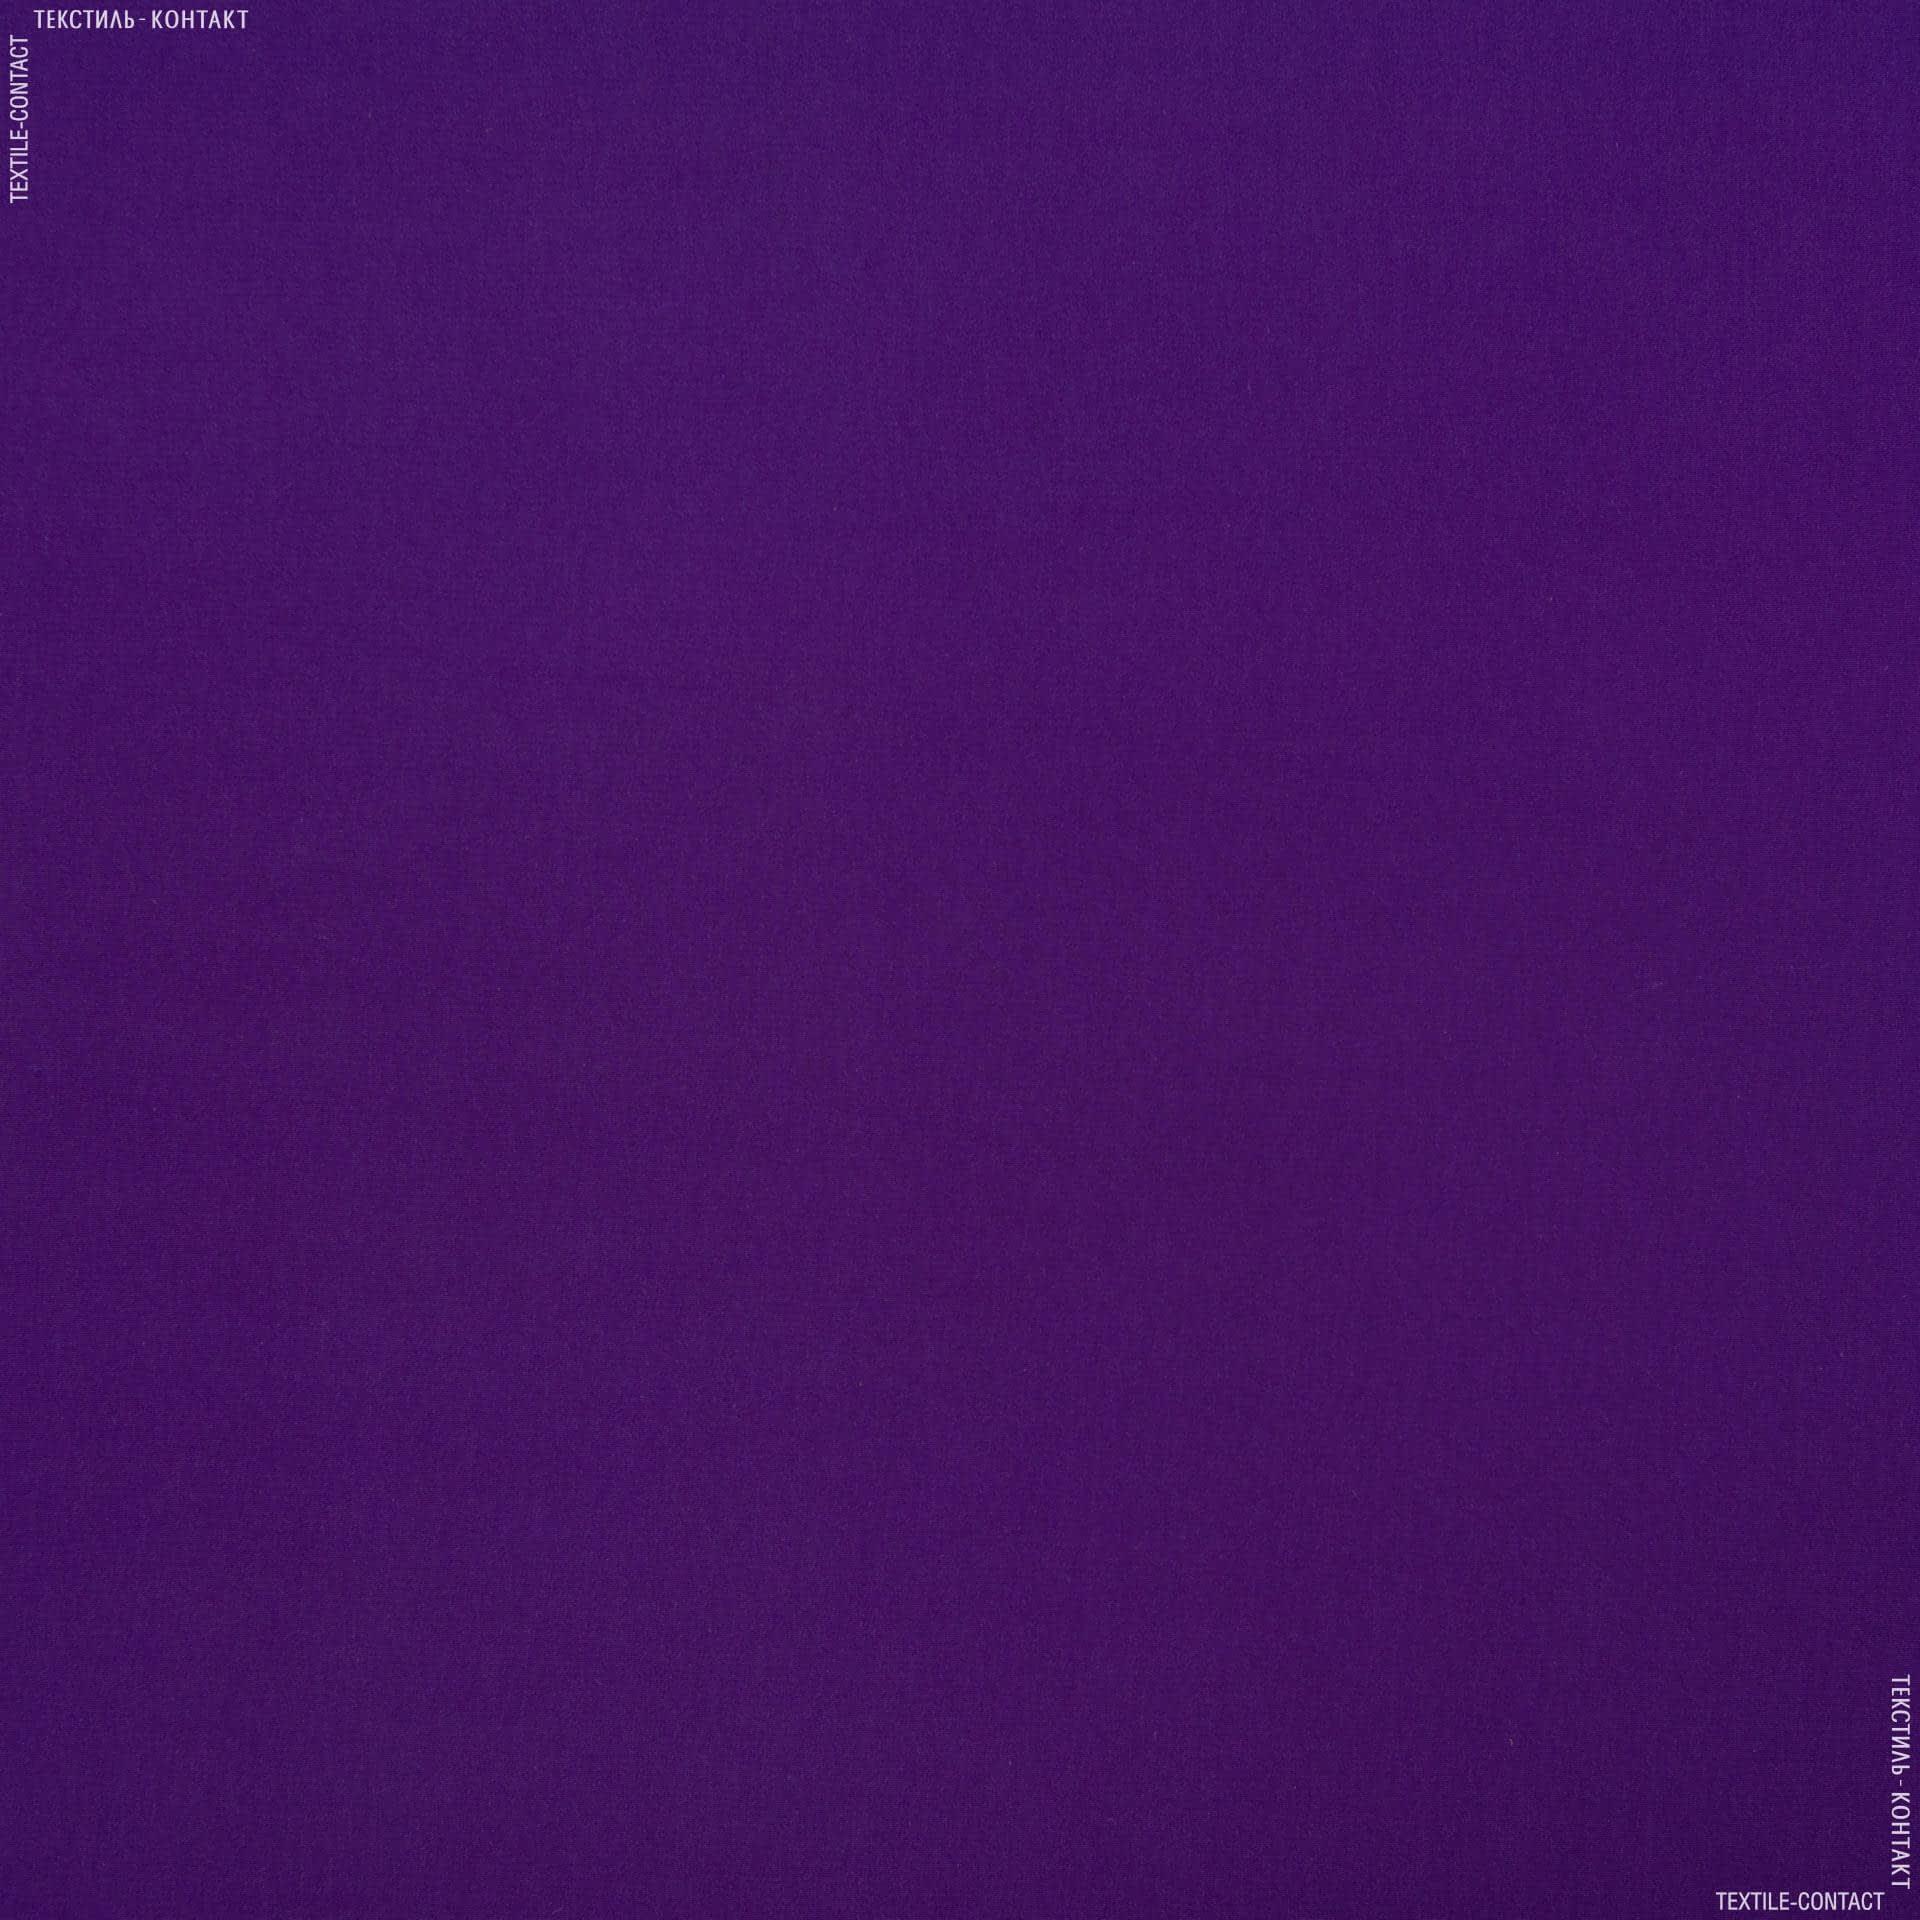 Ткани для брюк - Костюмный мокрый шелк фиолетовый